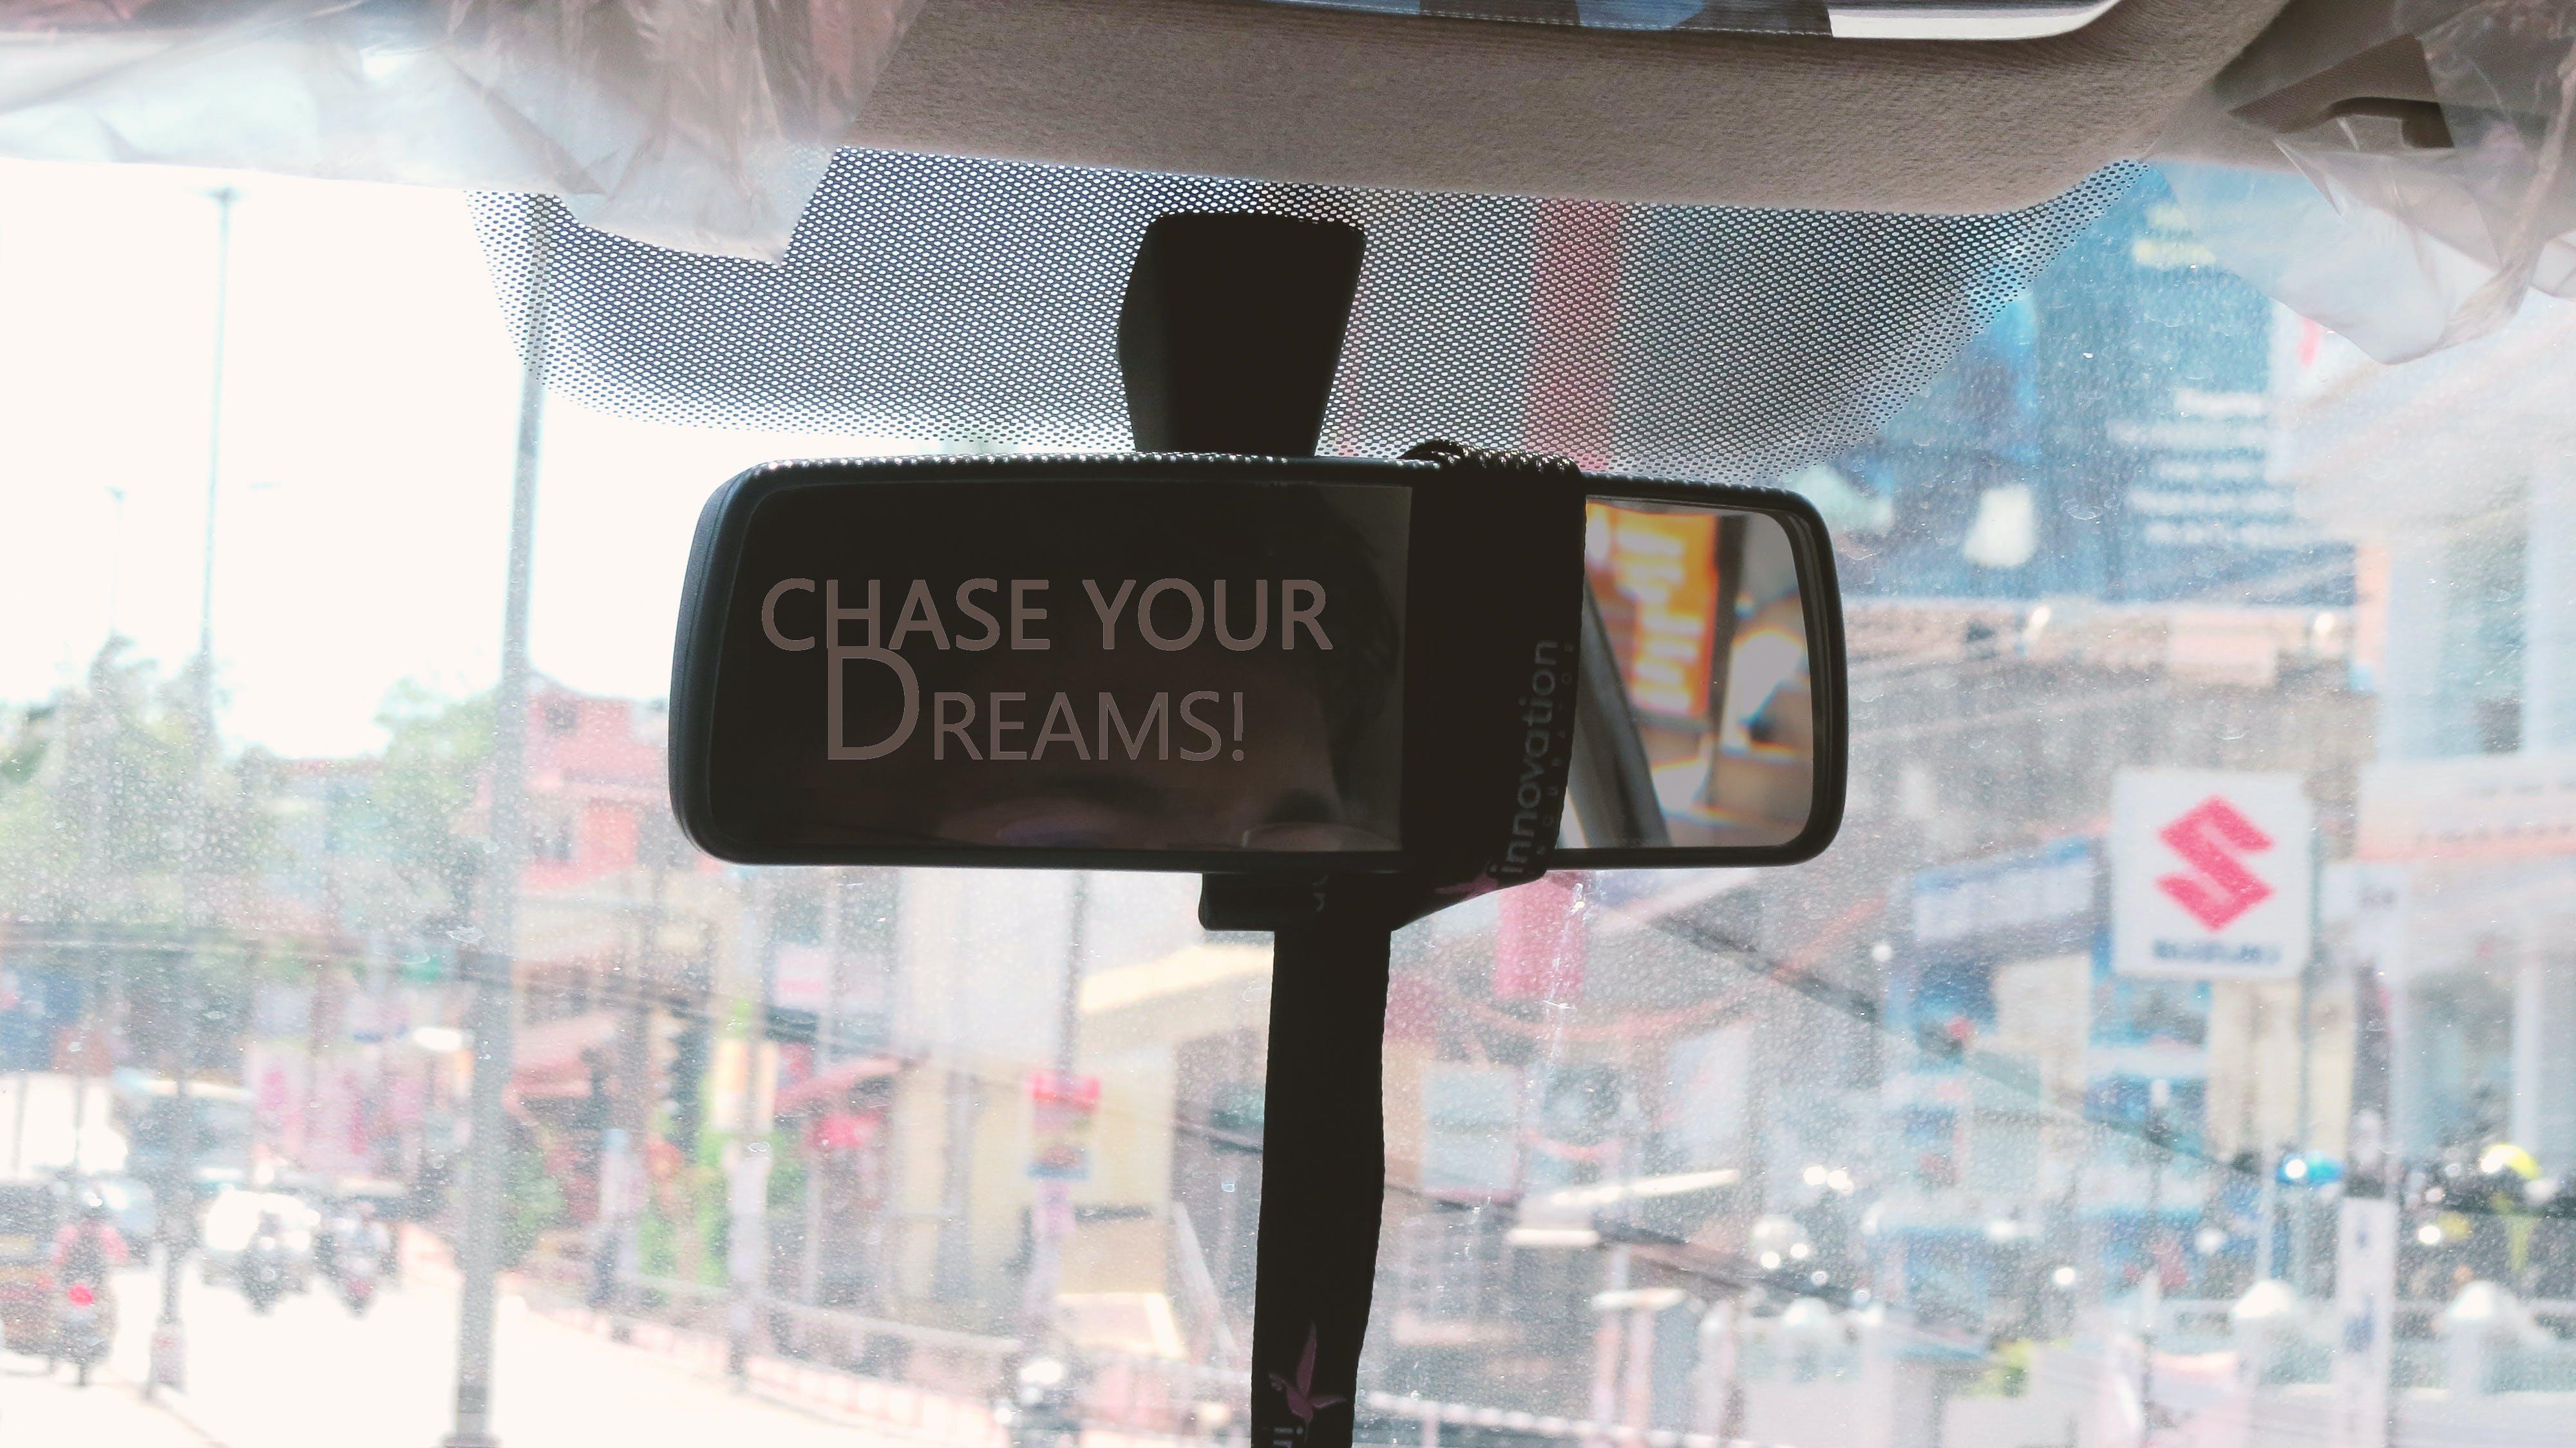 Free stock photo of car, car wallpapers, desktop, dream